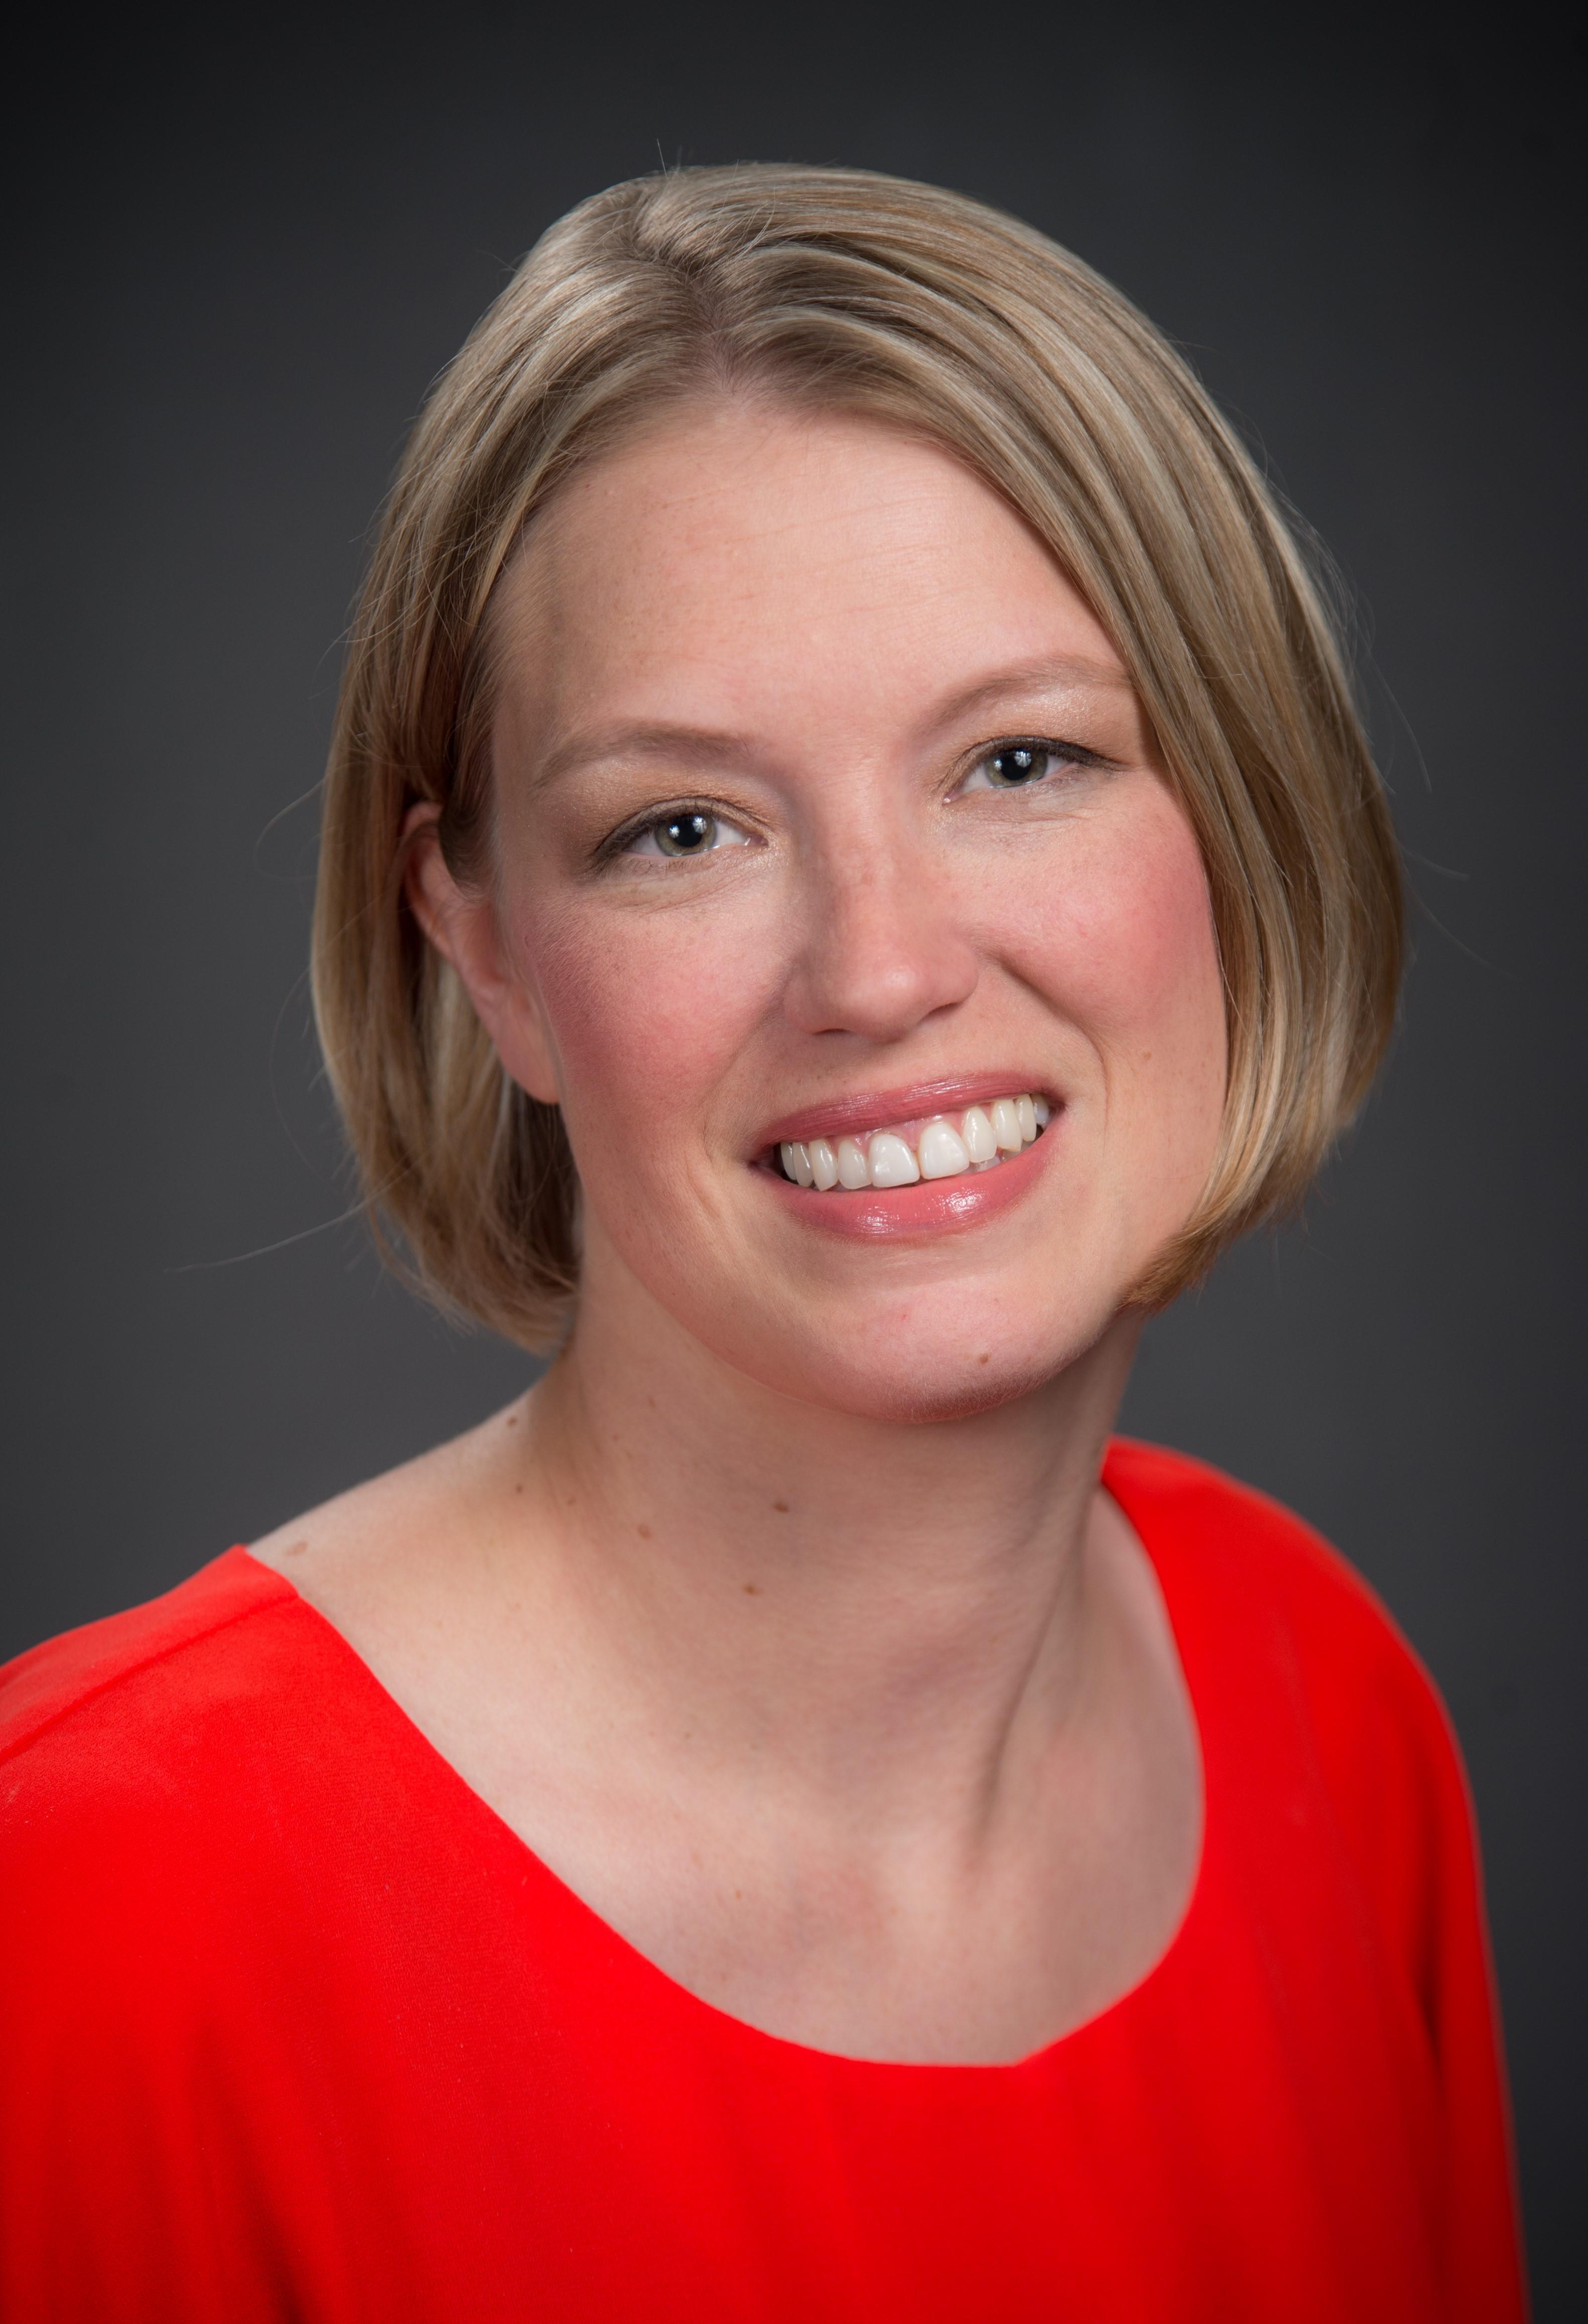 Beth Sartore